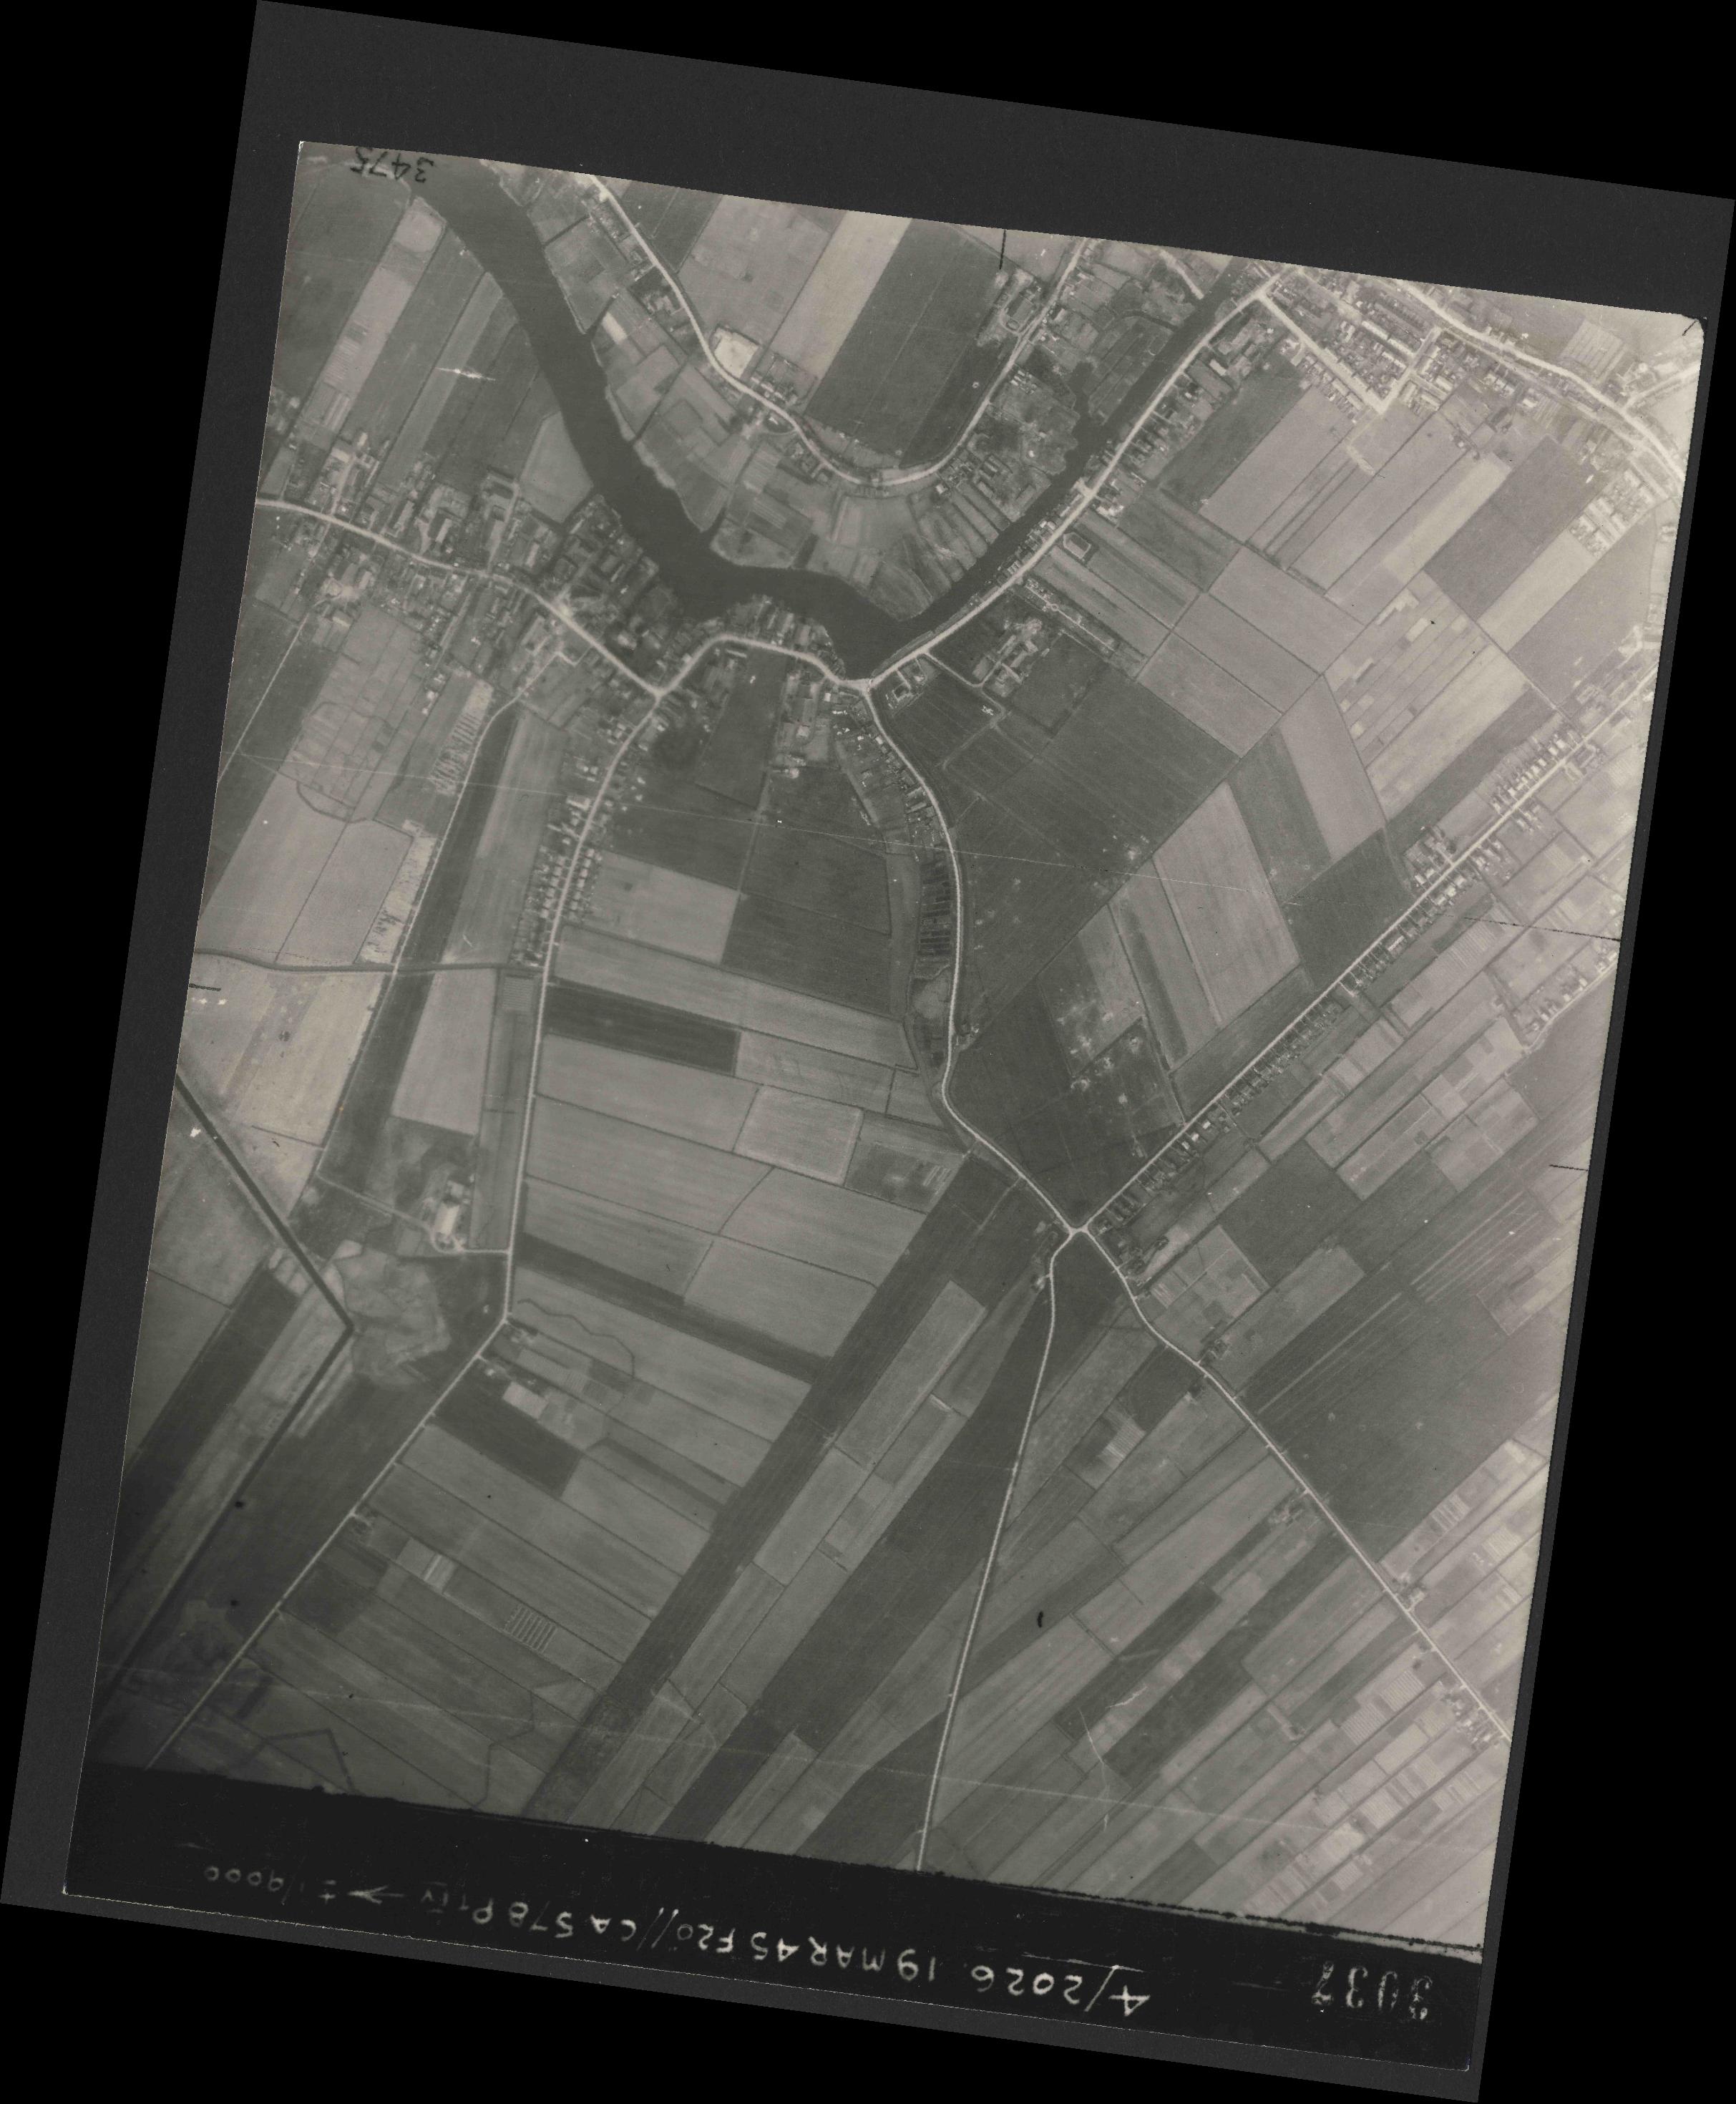 Collection RAF aerial photos 1940-1945 - flight 012, run 04, photo 3037